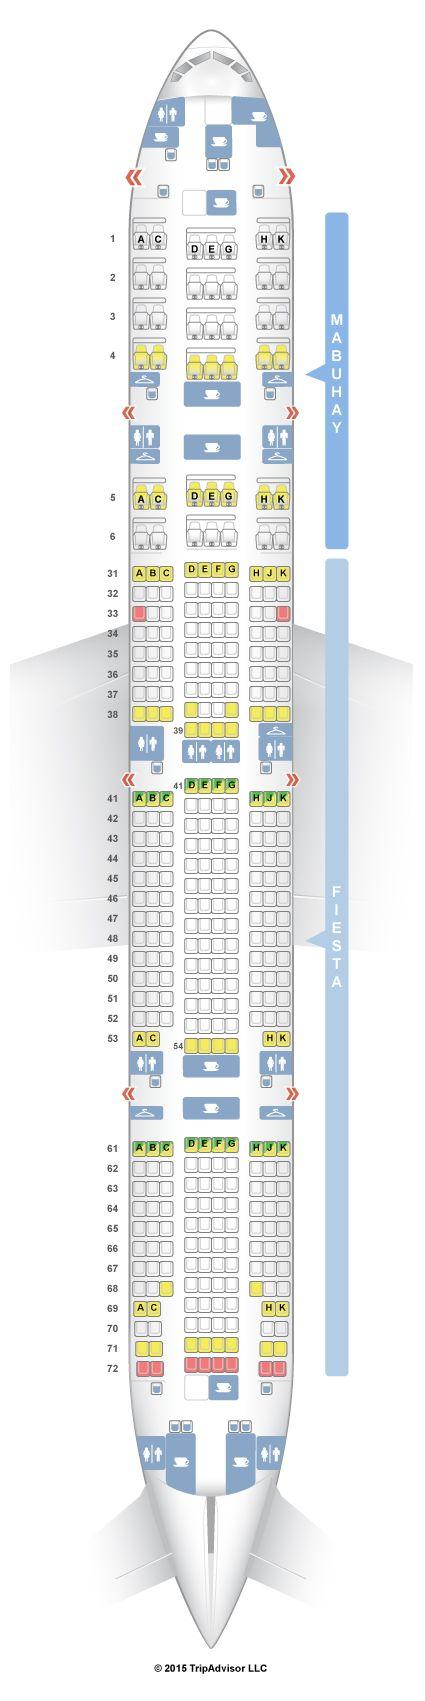 SeatGuru Seat Map Philippine Airlines Boeing 777-300ER (777) - SeatGuru